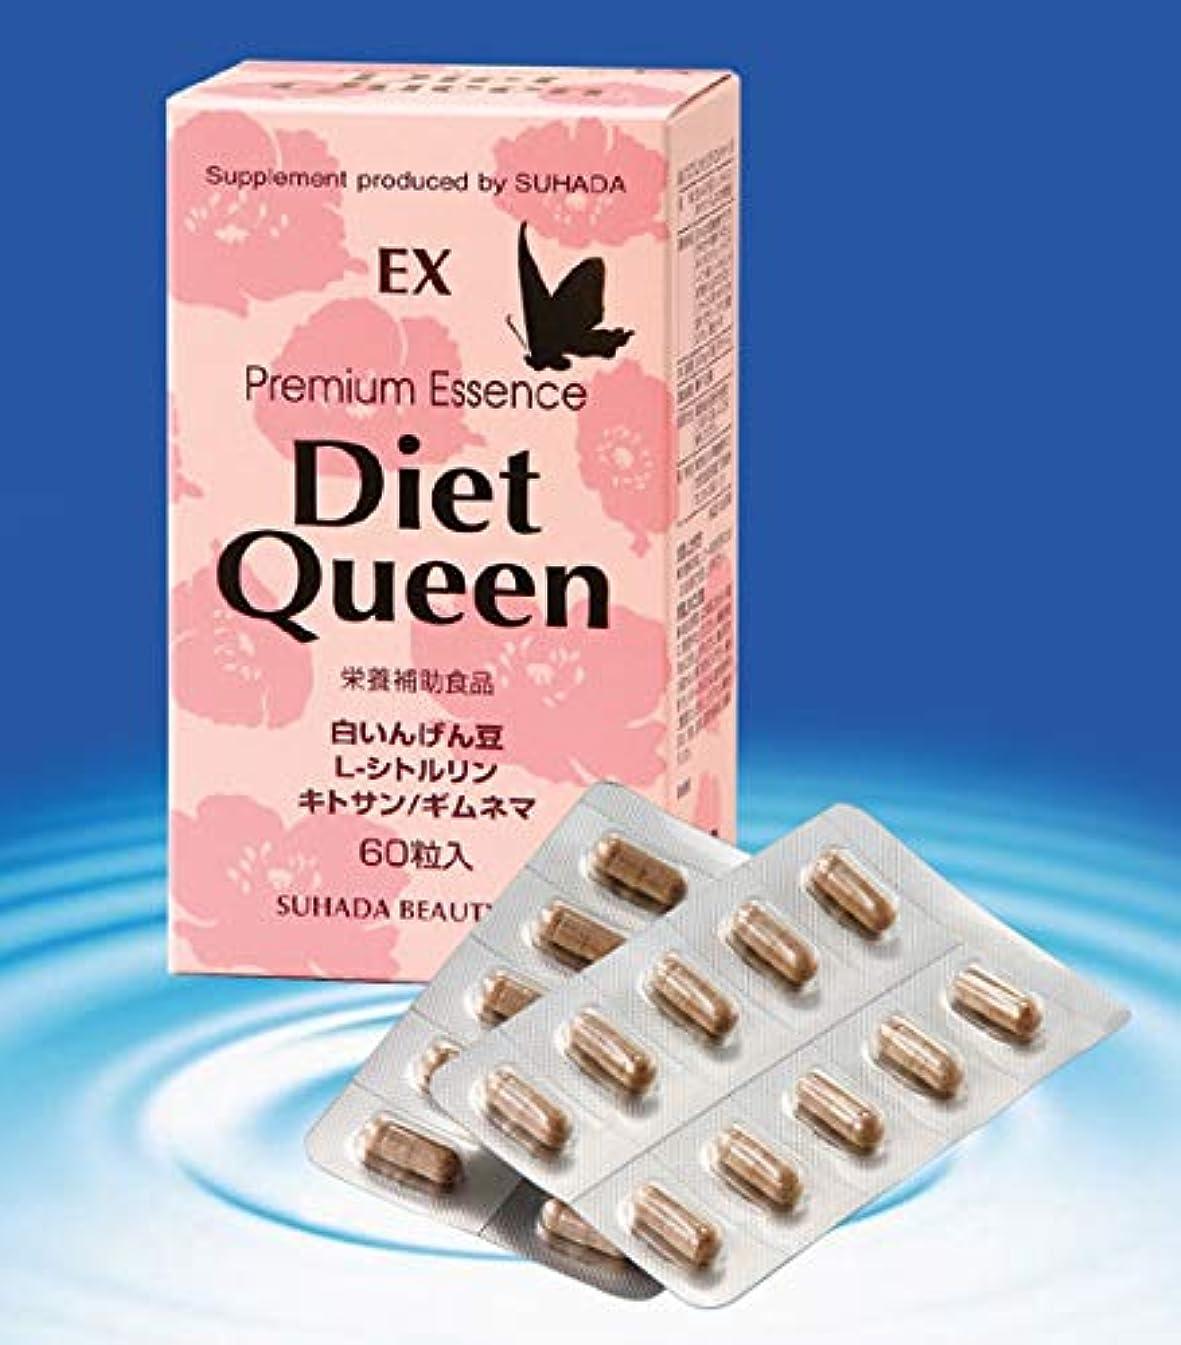 複数セットアップチョッププレミアムエッセンス ダイエットクイーン EX 60粒 Premium Essence Diet Queen